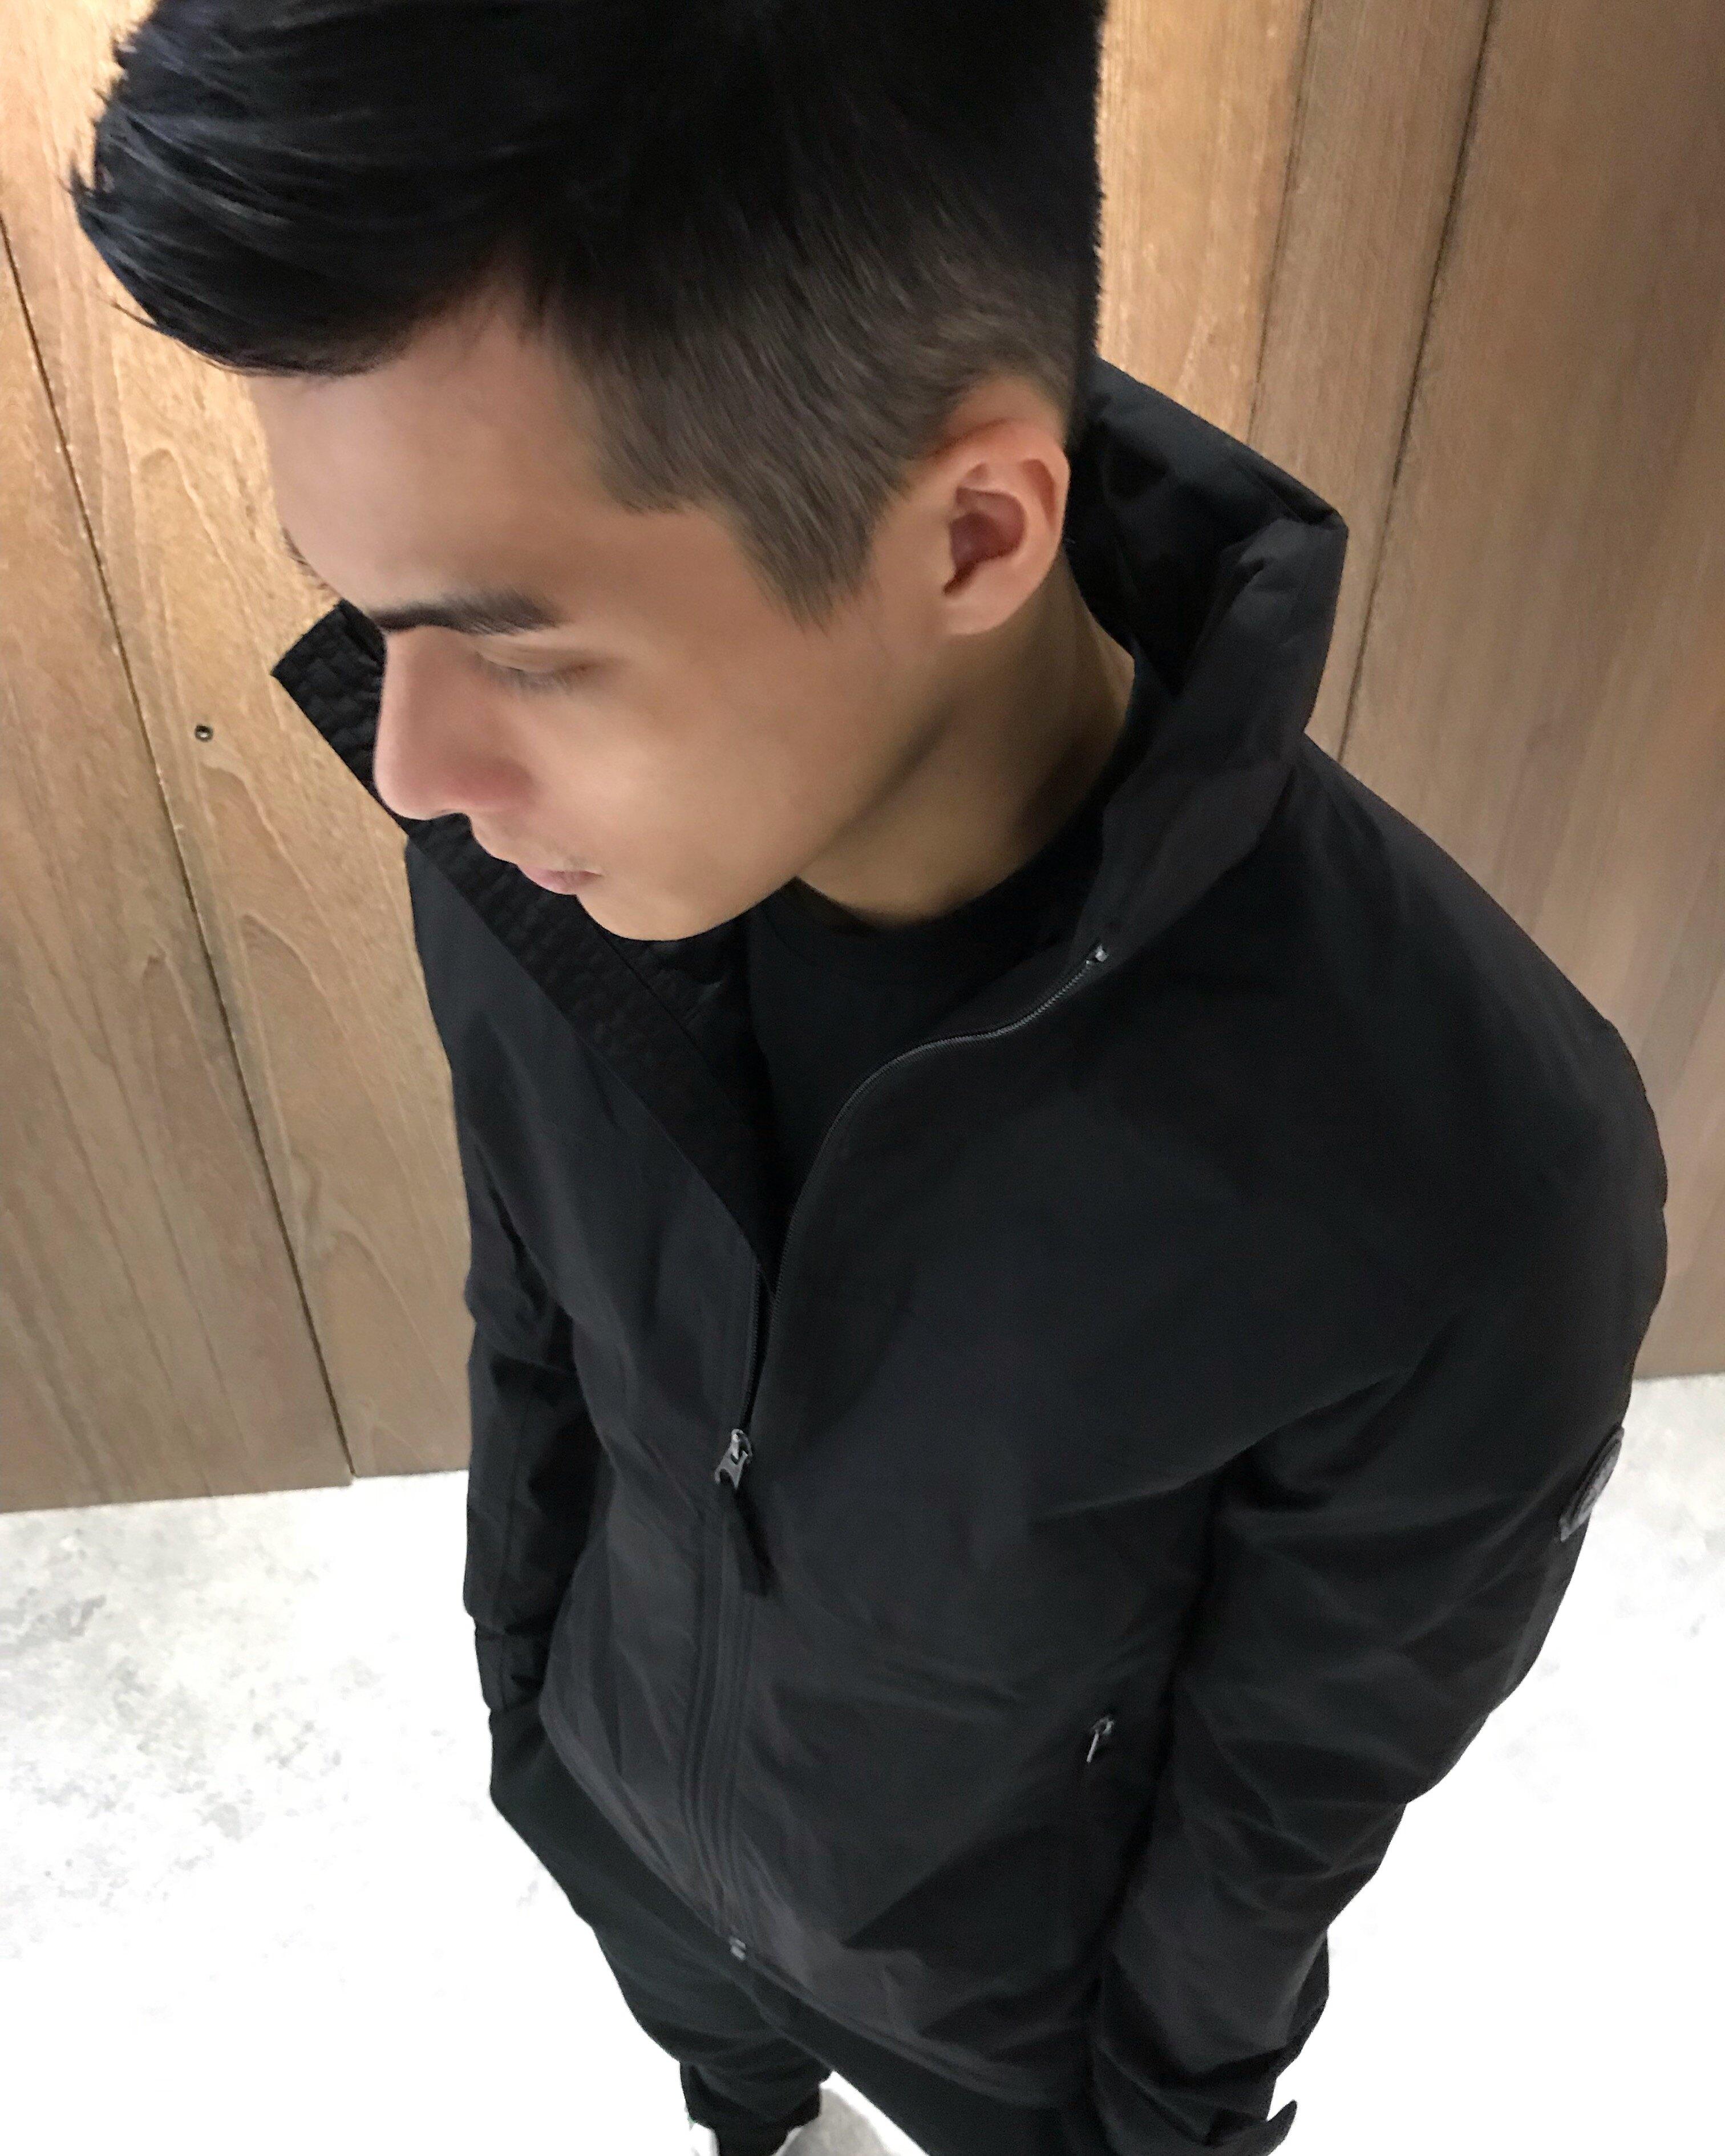 美國百分百【Timberland】 外套 夾克 防水 防風 機能外套 男款 連帽 外衣 耐磨 黑色 S號 J615